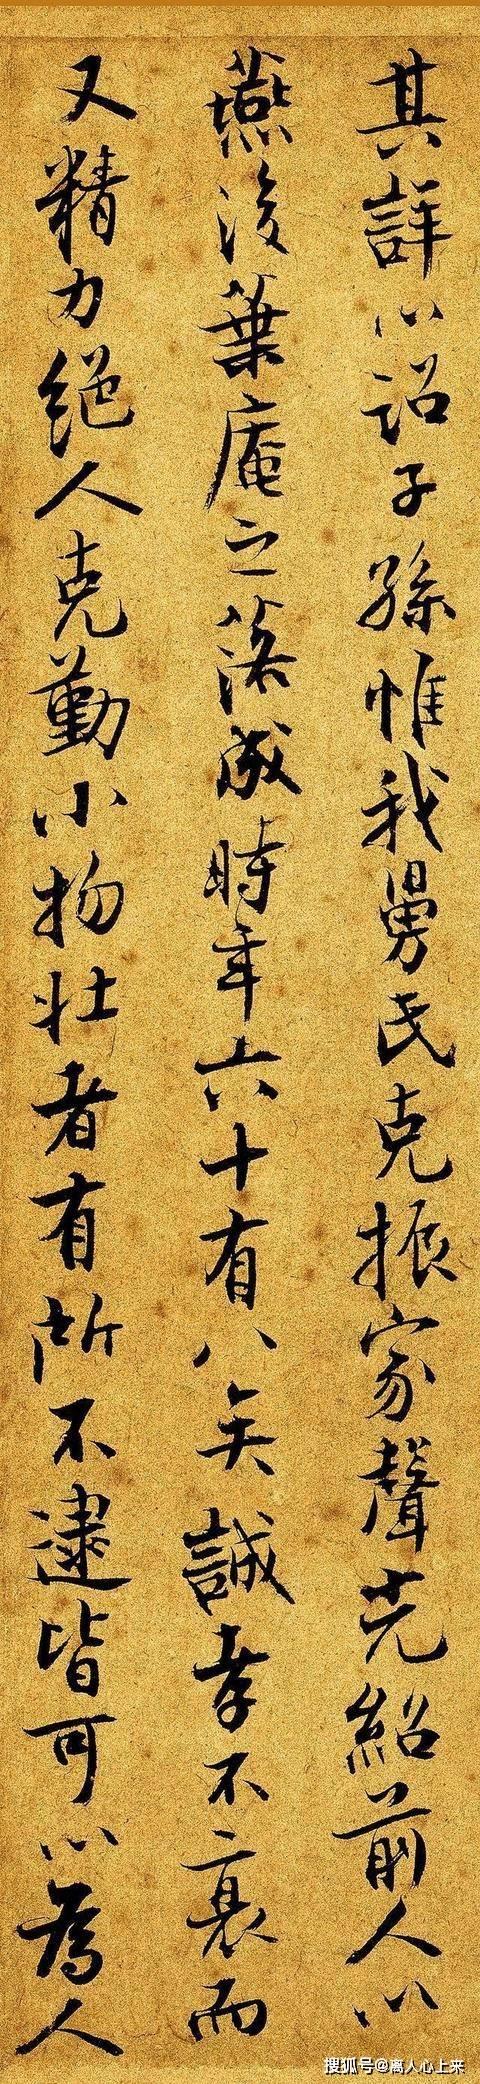 """1000年来的小楷之冠,比""""宋四家""""还牛,写出了书法的最高境界"""